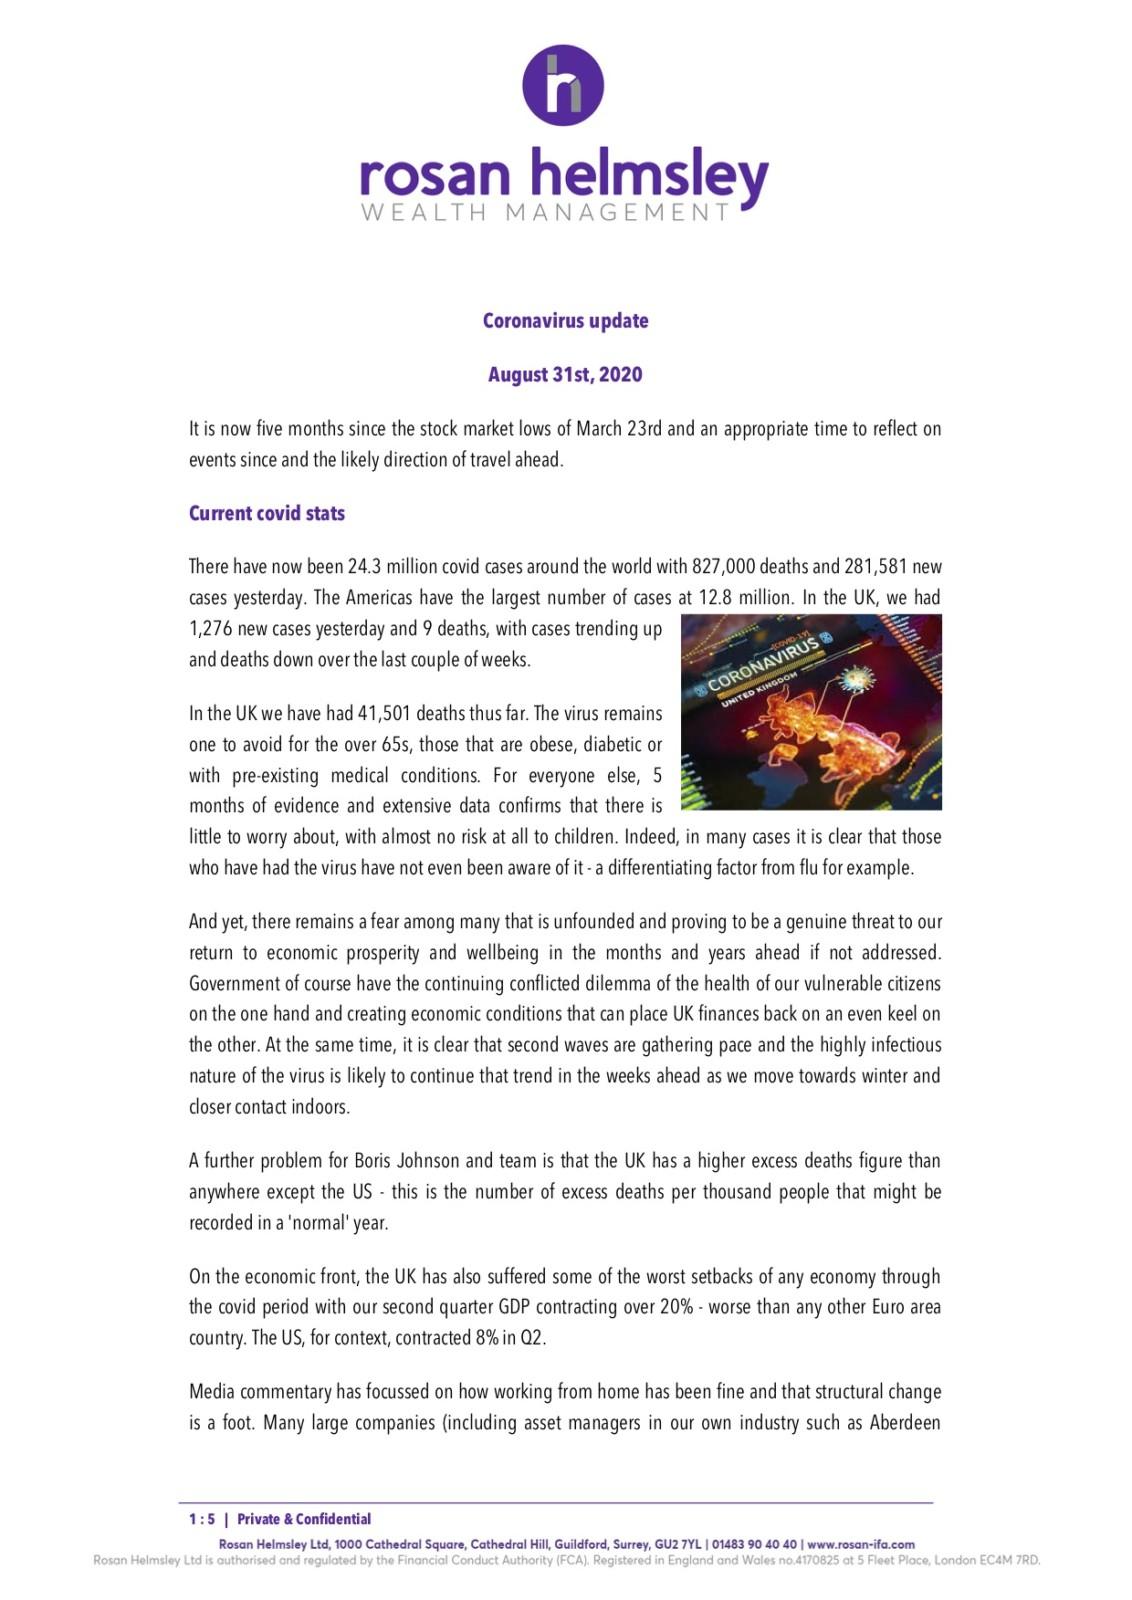 Coronavirus update – 31st August 2020